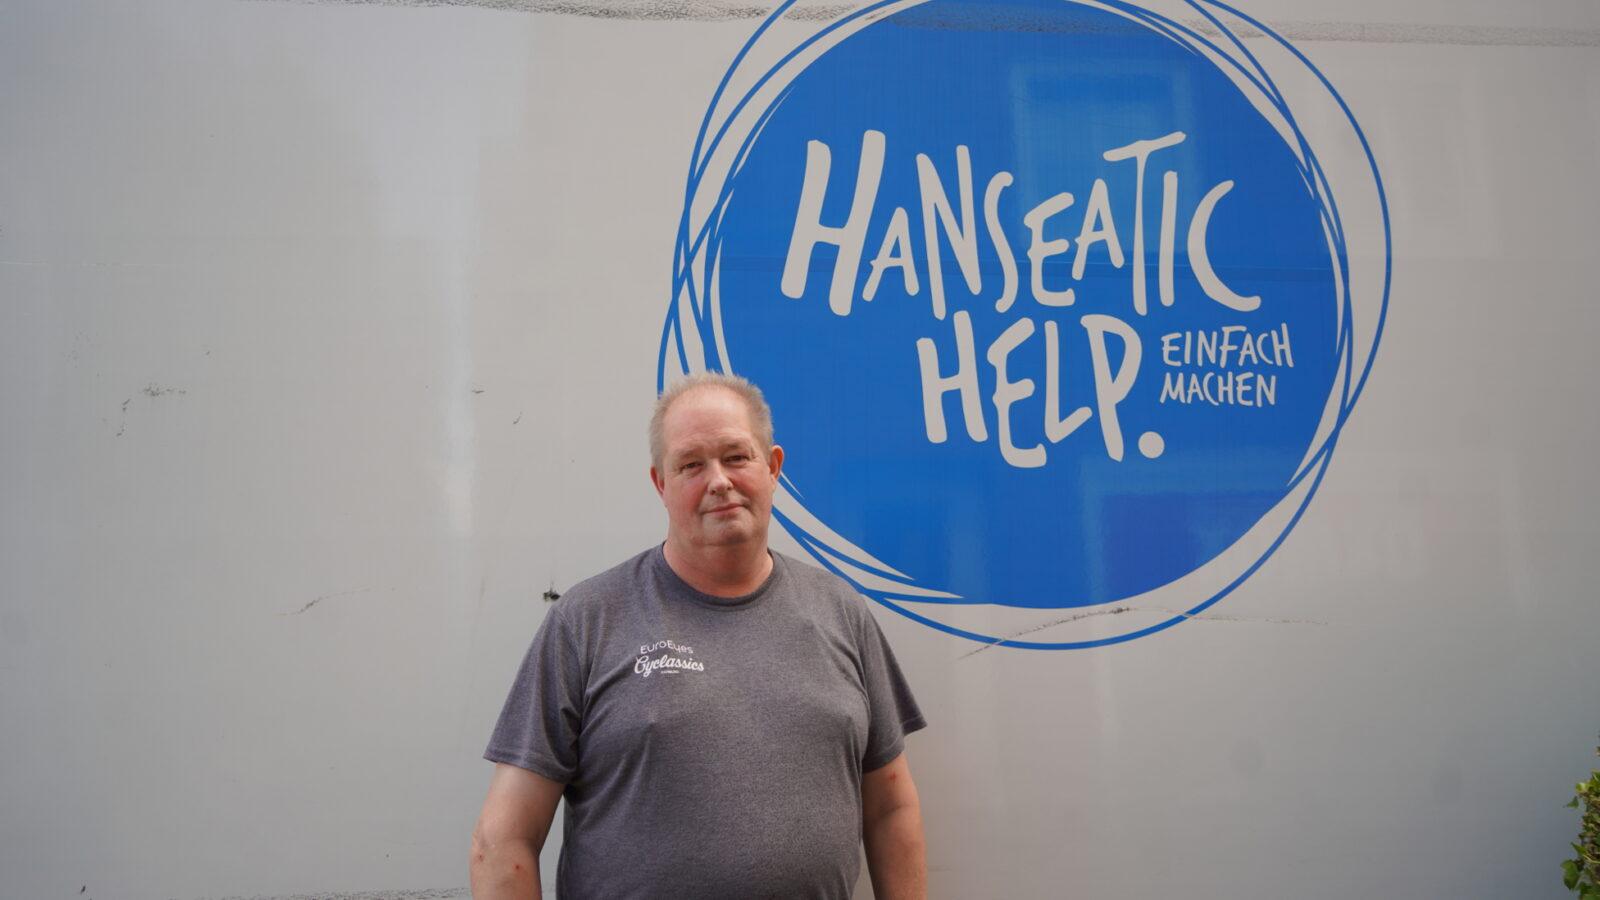 Hanseatic Help ruft zu Spenden auf